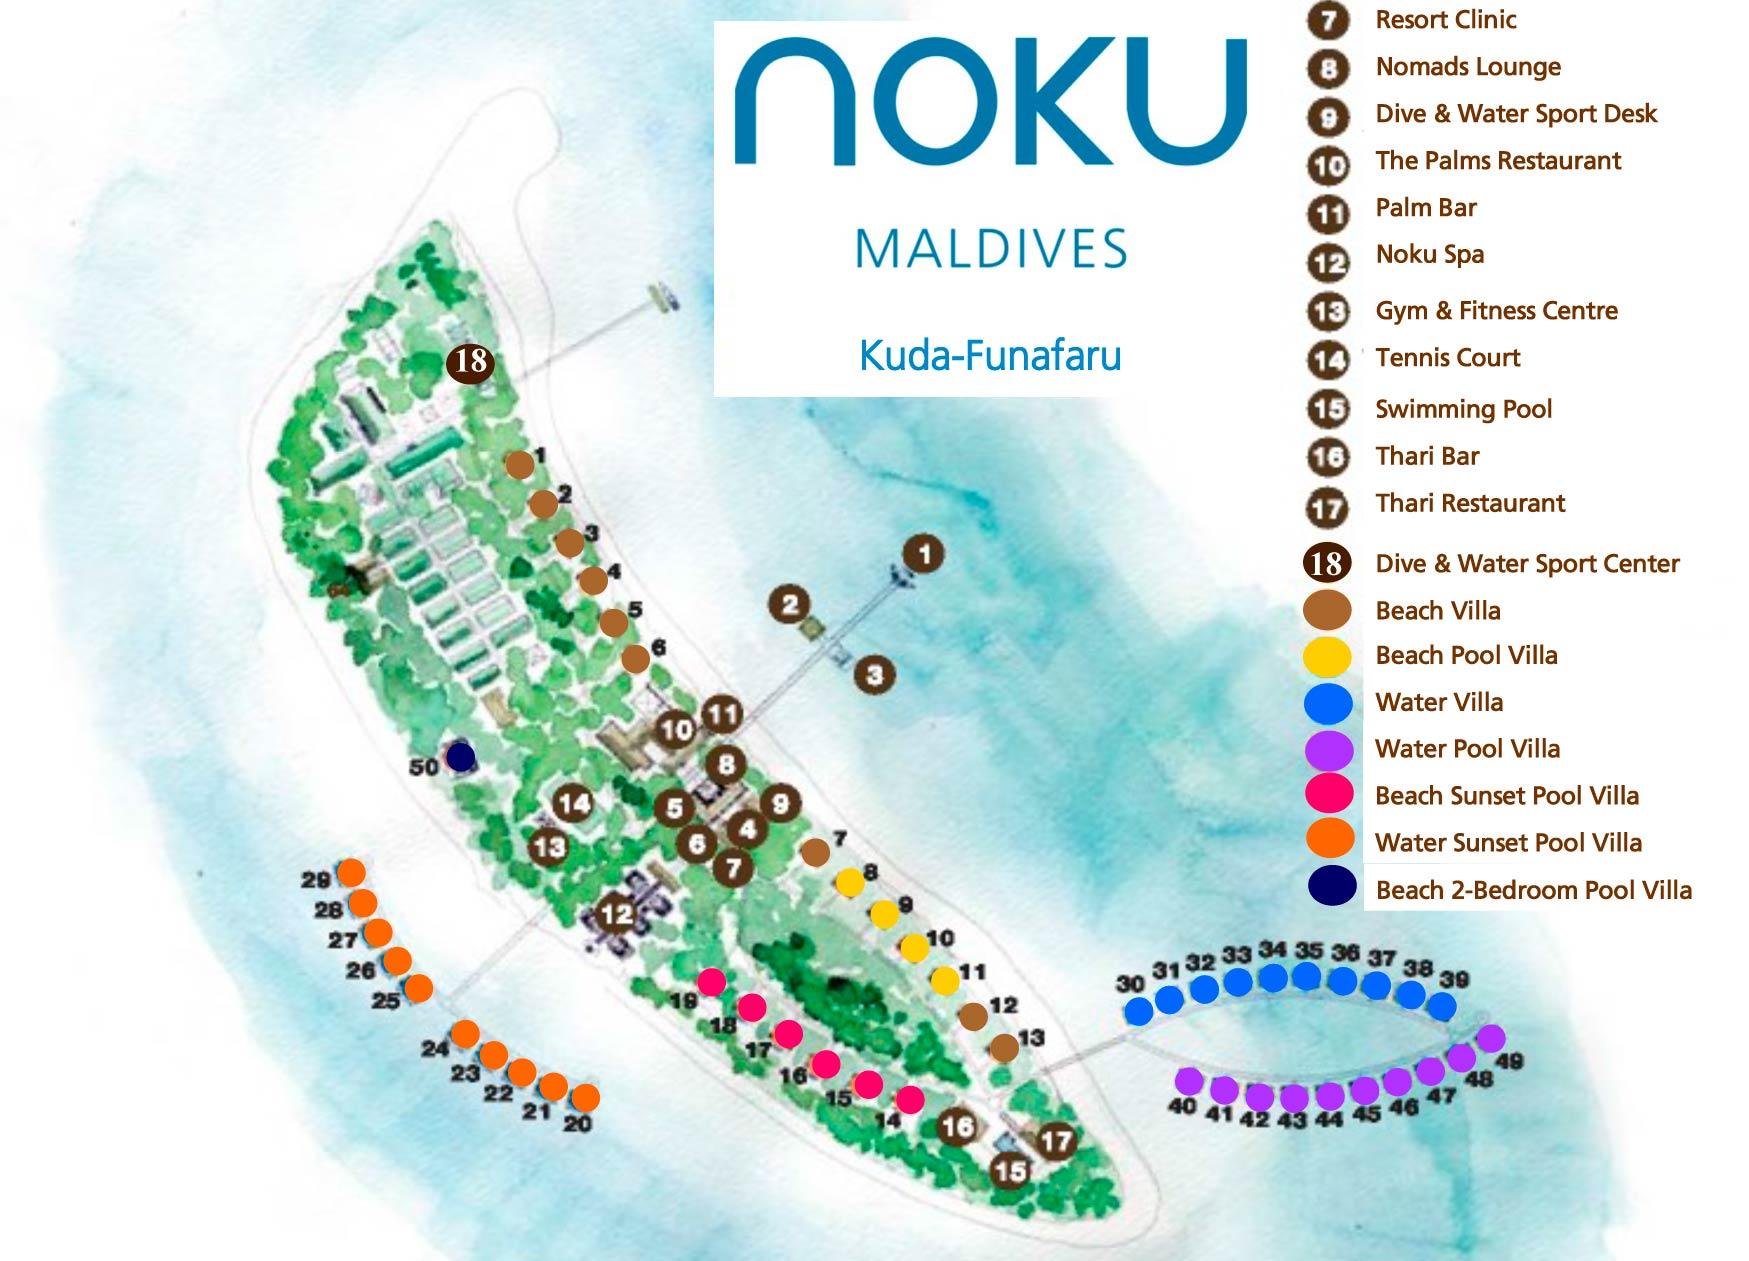 Lageplan Noku Maldives